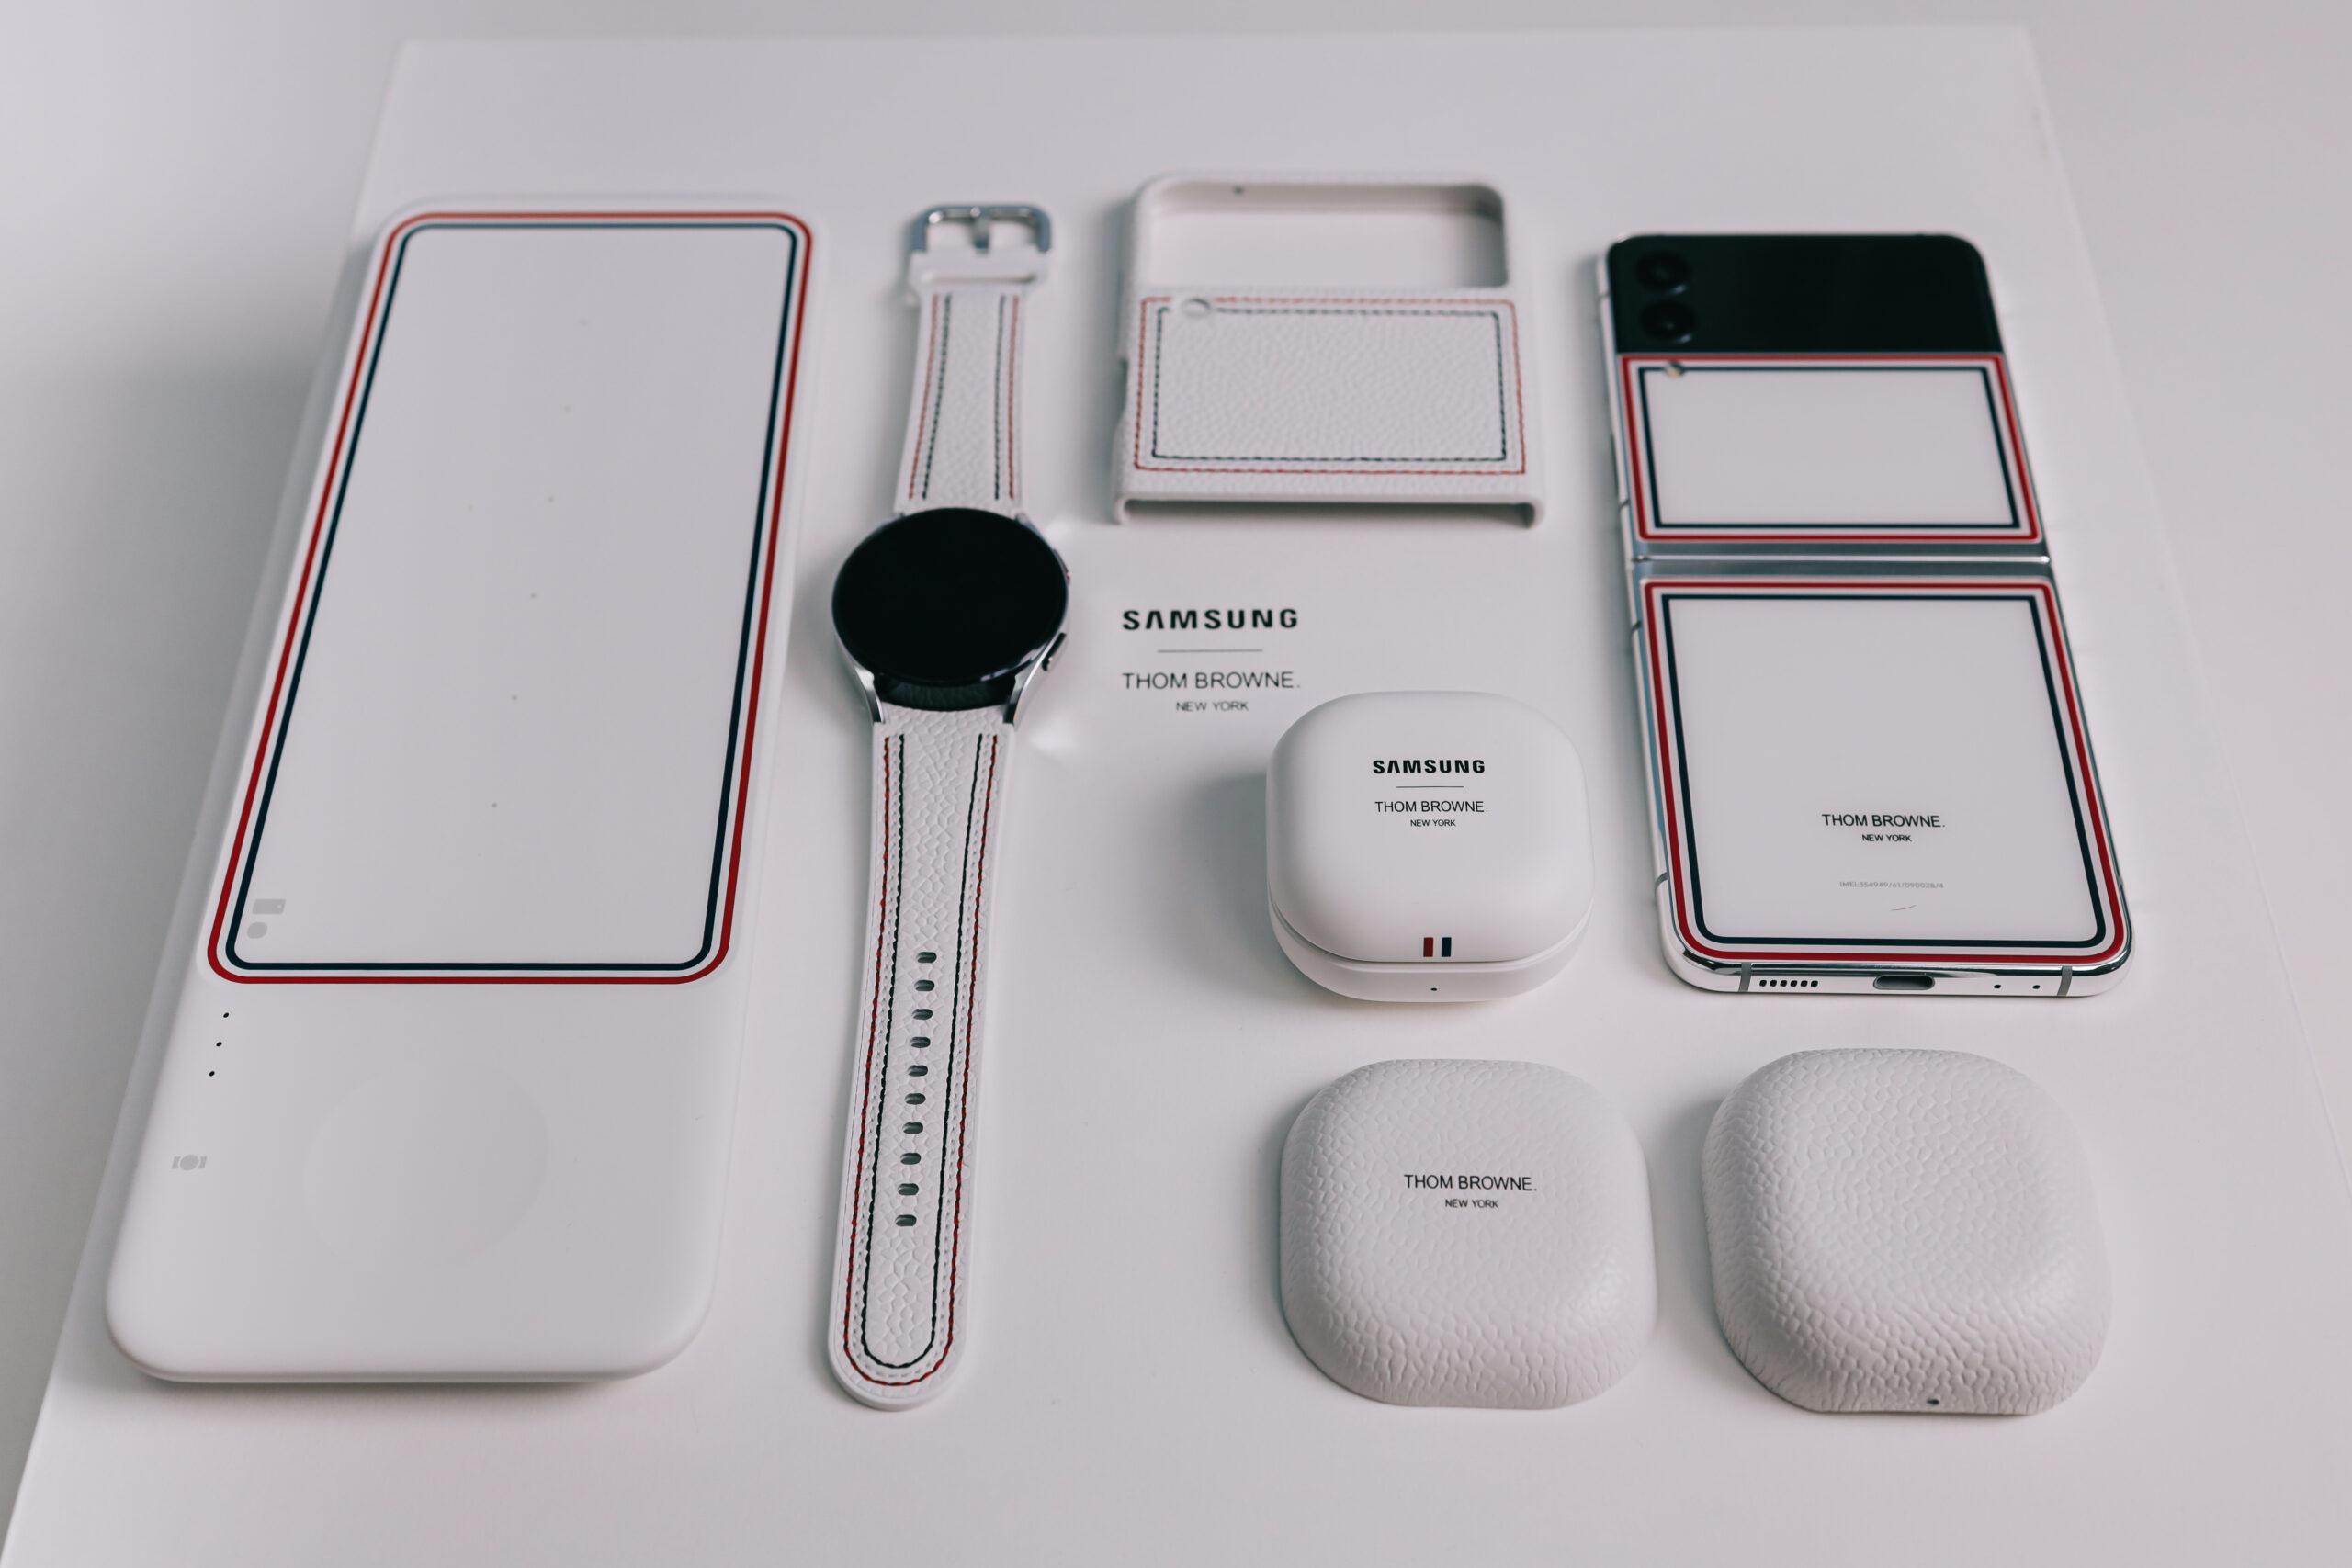 """Sforum - Trang thông tin công nghệ mới nhất 0X4A0224-2-scaled Mở hộp Galaxy Z Flip3 phiên bản Thom Browne cực """"chanh sả"""": Giá 57 triệu đồng thôi nhưng có tiền cũng không mua được!"""